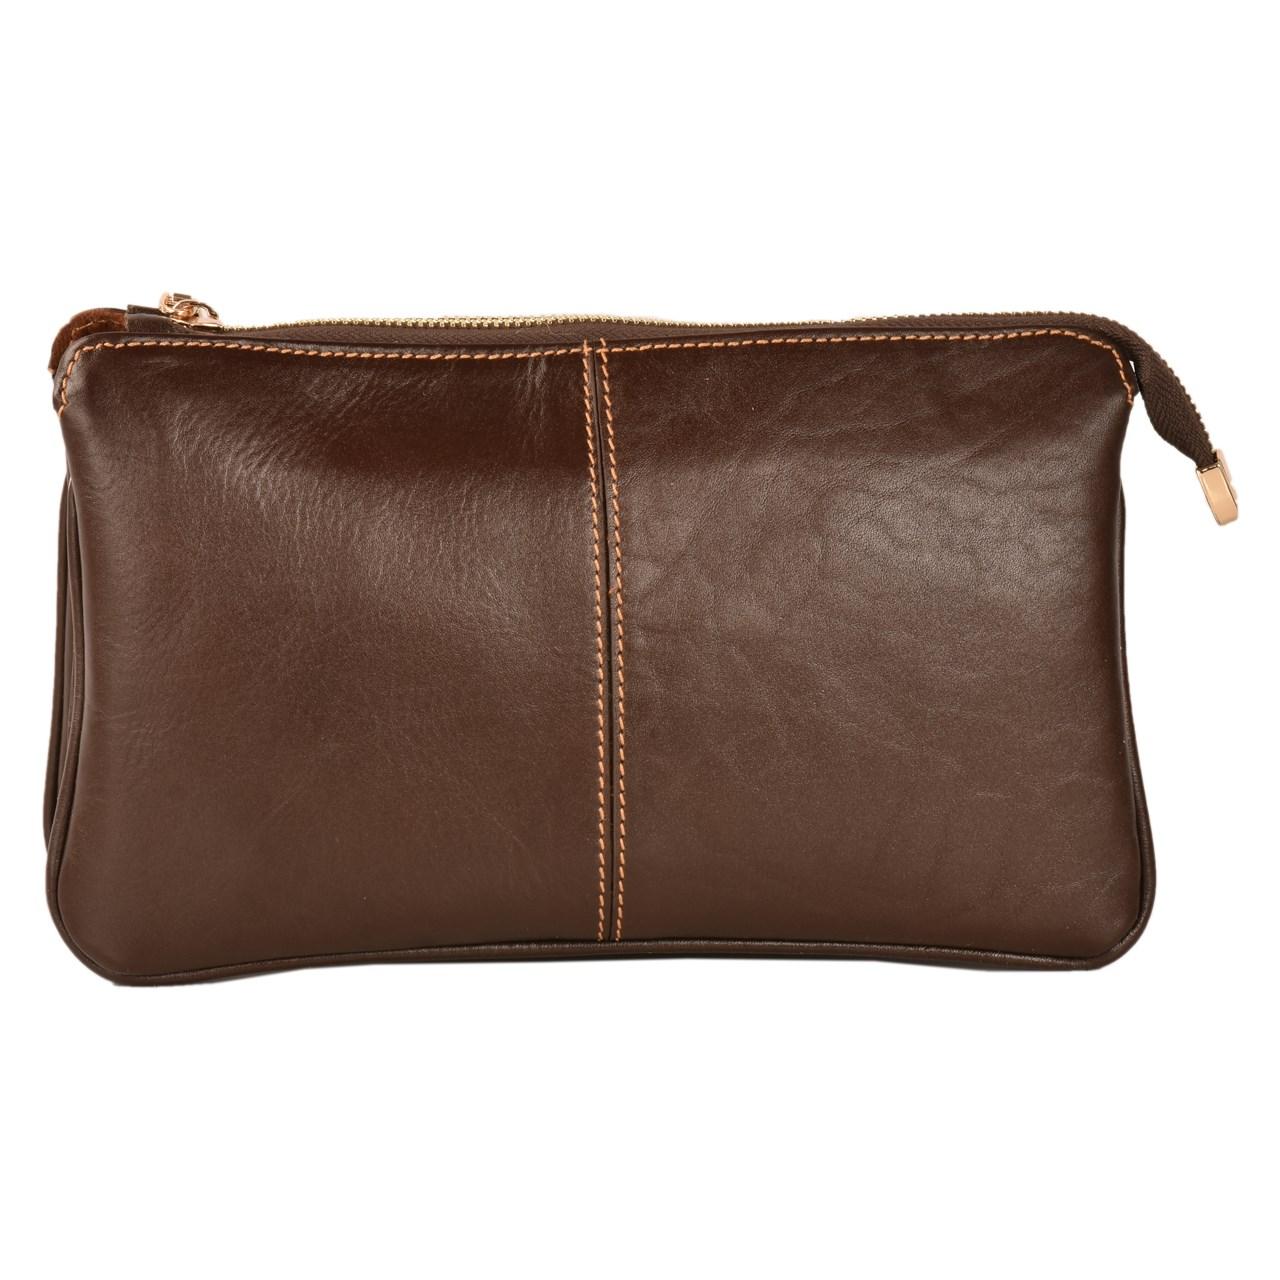 کیف رو دوشی چرم طبیعی کهن چرم مدل V157-7